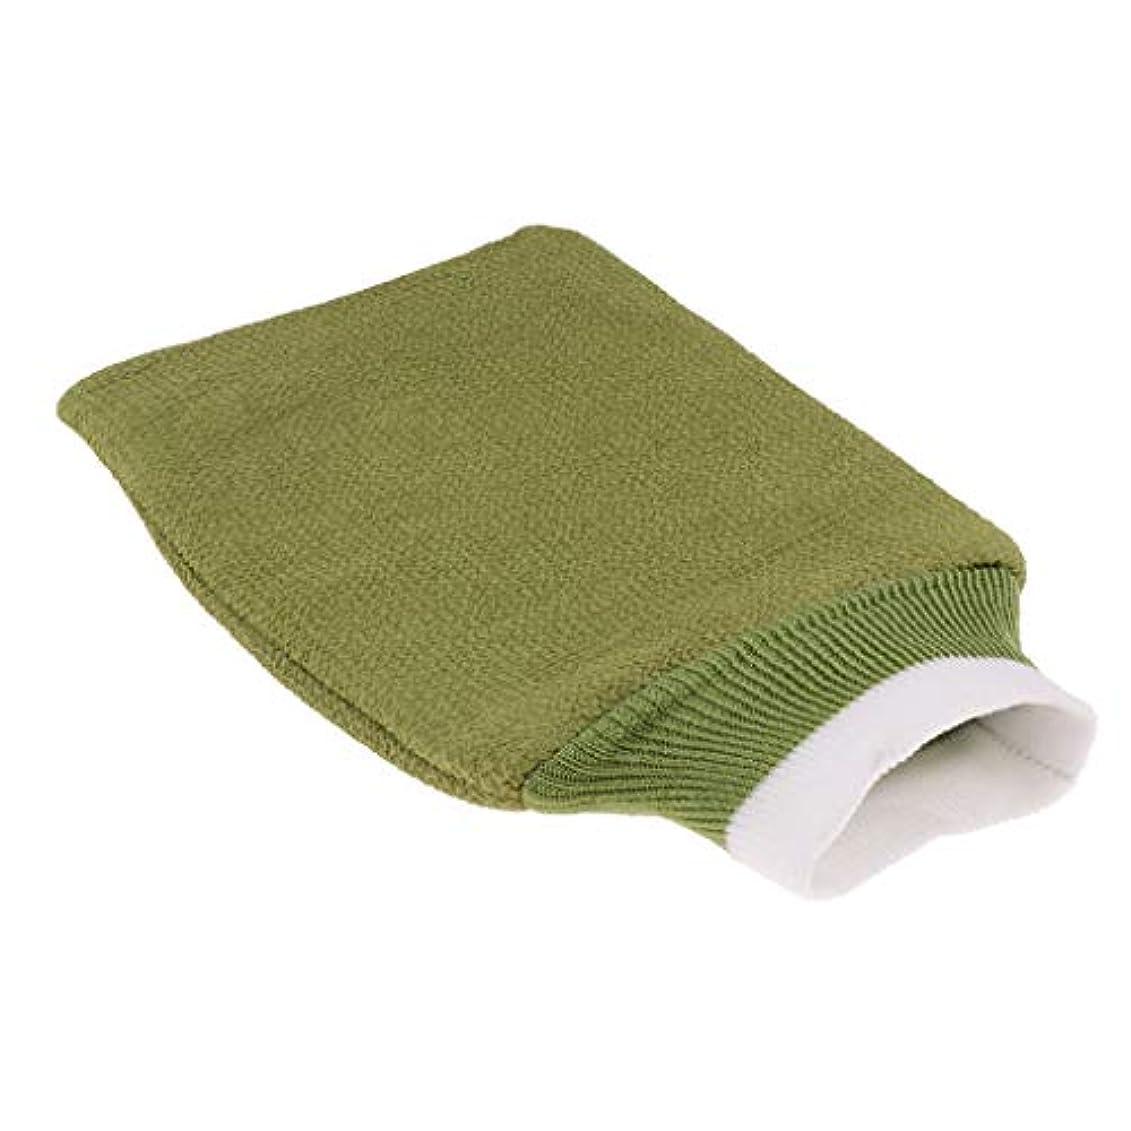 採用する測定可能ブロックFenteer 全3色 浴用手袋 スパ泡風呂手袋 シャワーブラシ 泡立ち 毛穴清潔 角質除去 バス 洗える 男女兼用 - 緑